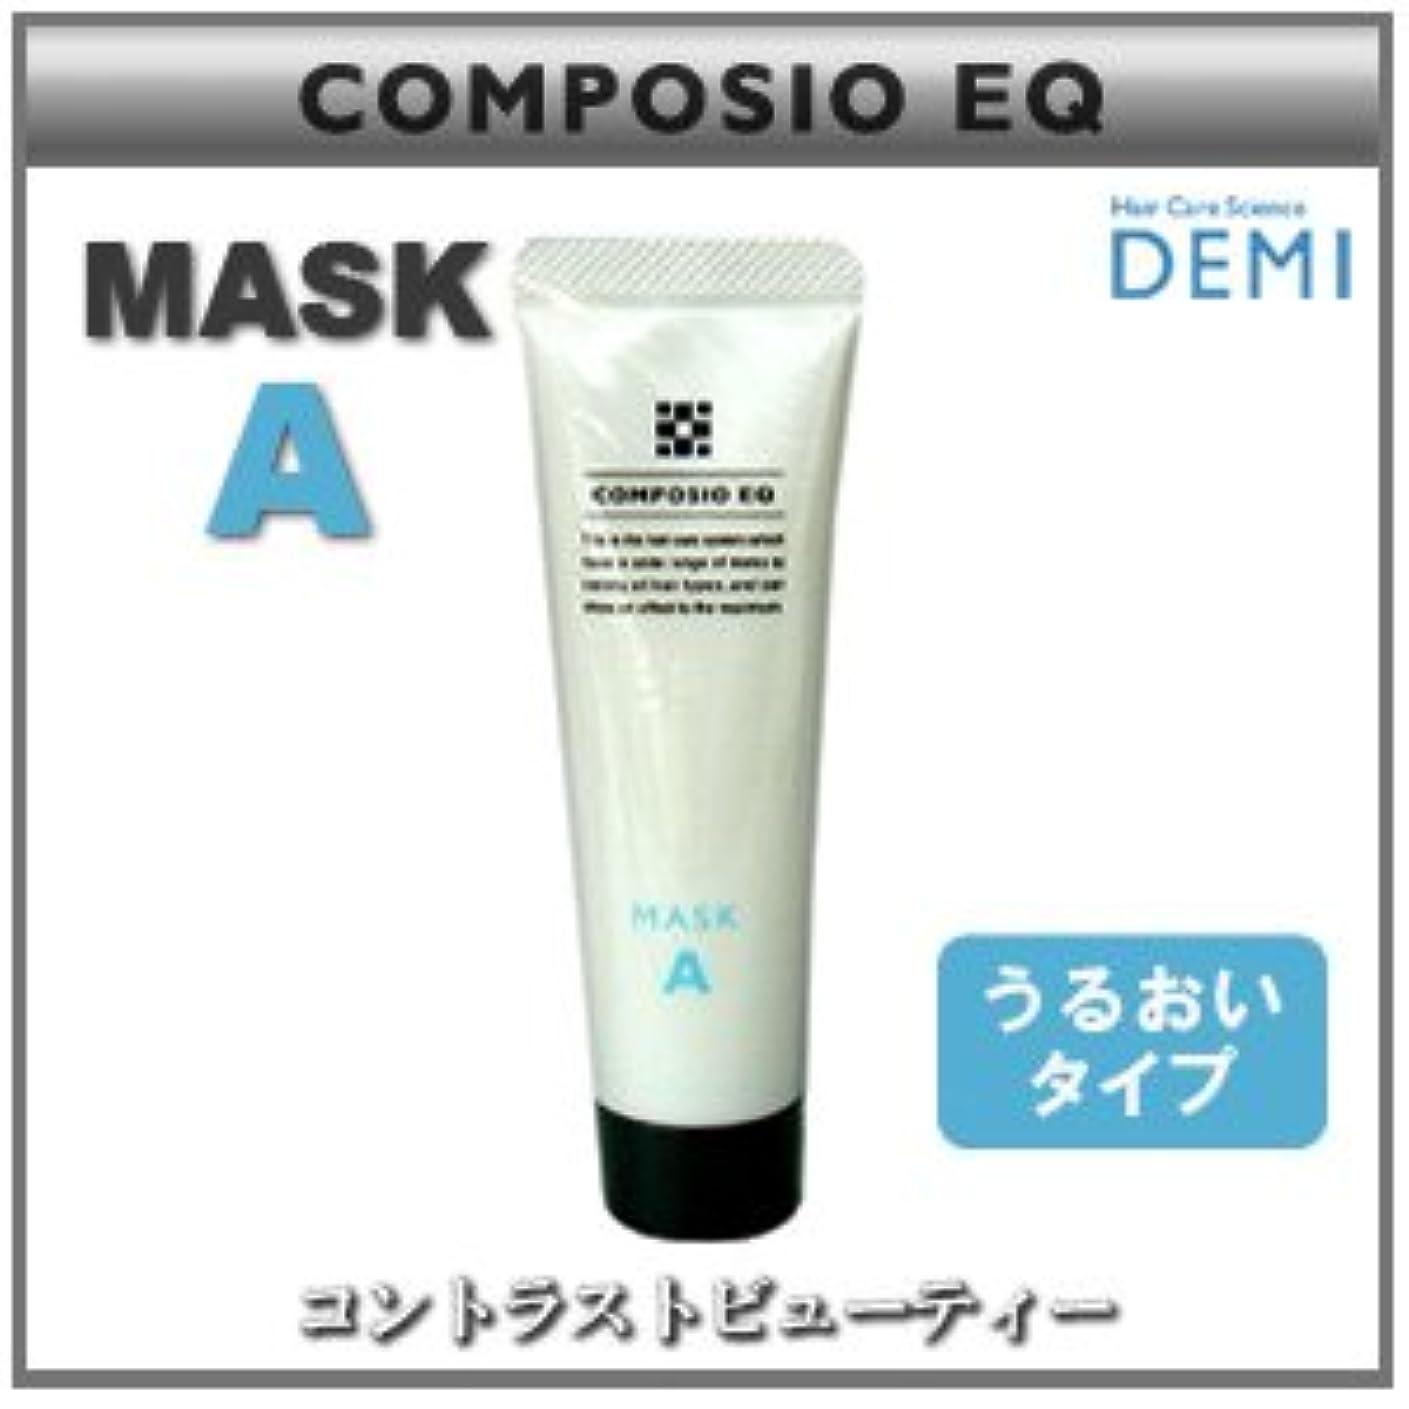 必要とする愛国的な泳ぐ【X2個セット】 デミ コンポジオ EQ マスク A 50g